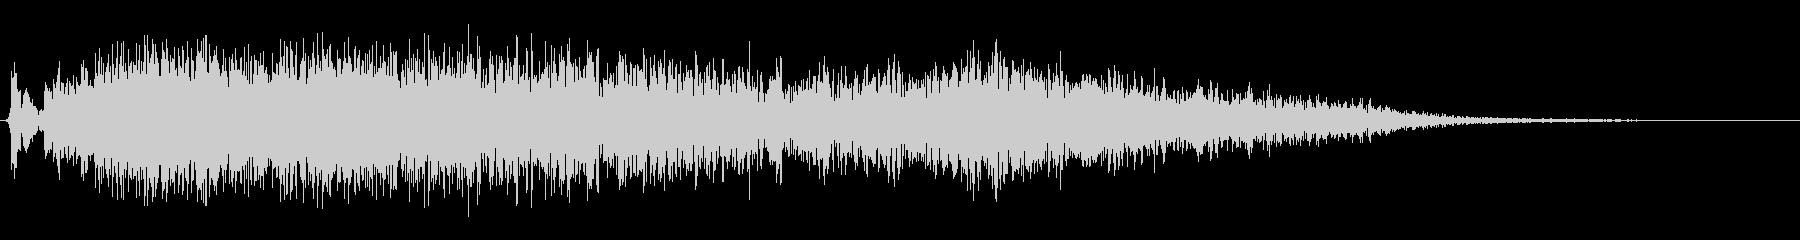 変調された乱流ザップ1の未再生の波形